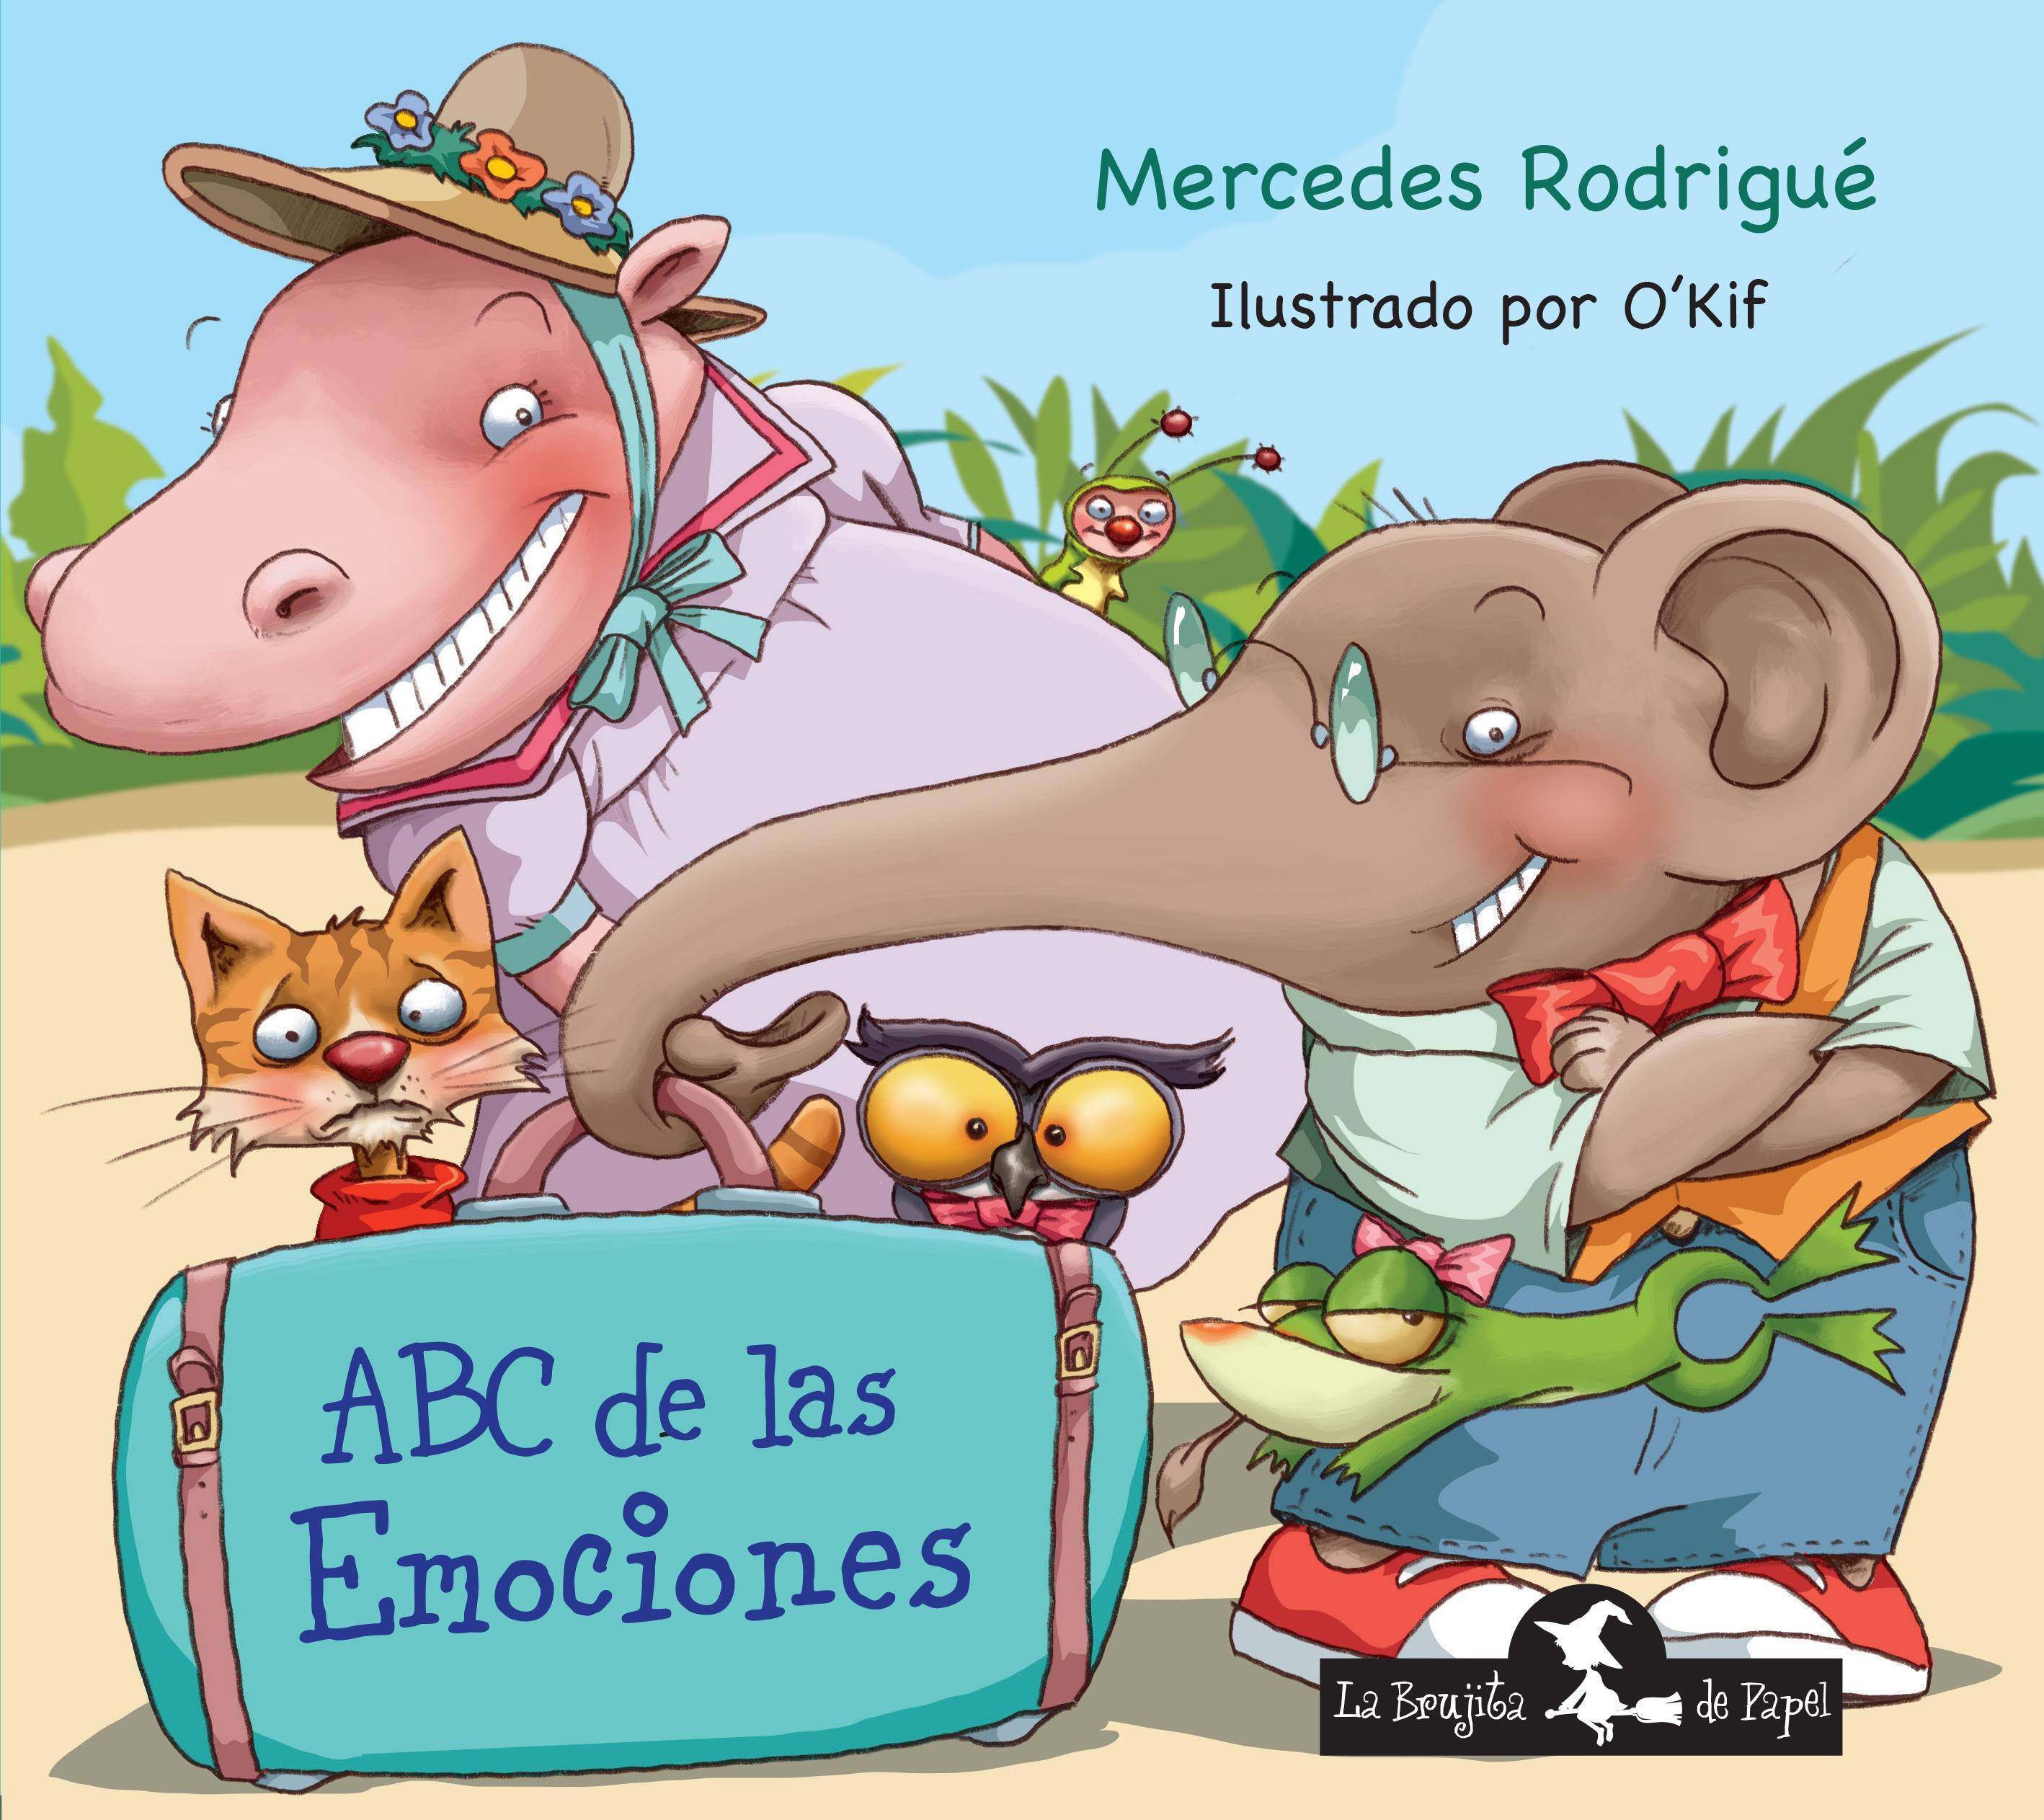 ABC de las emociones - Rodrigué Mercedes